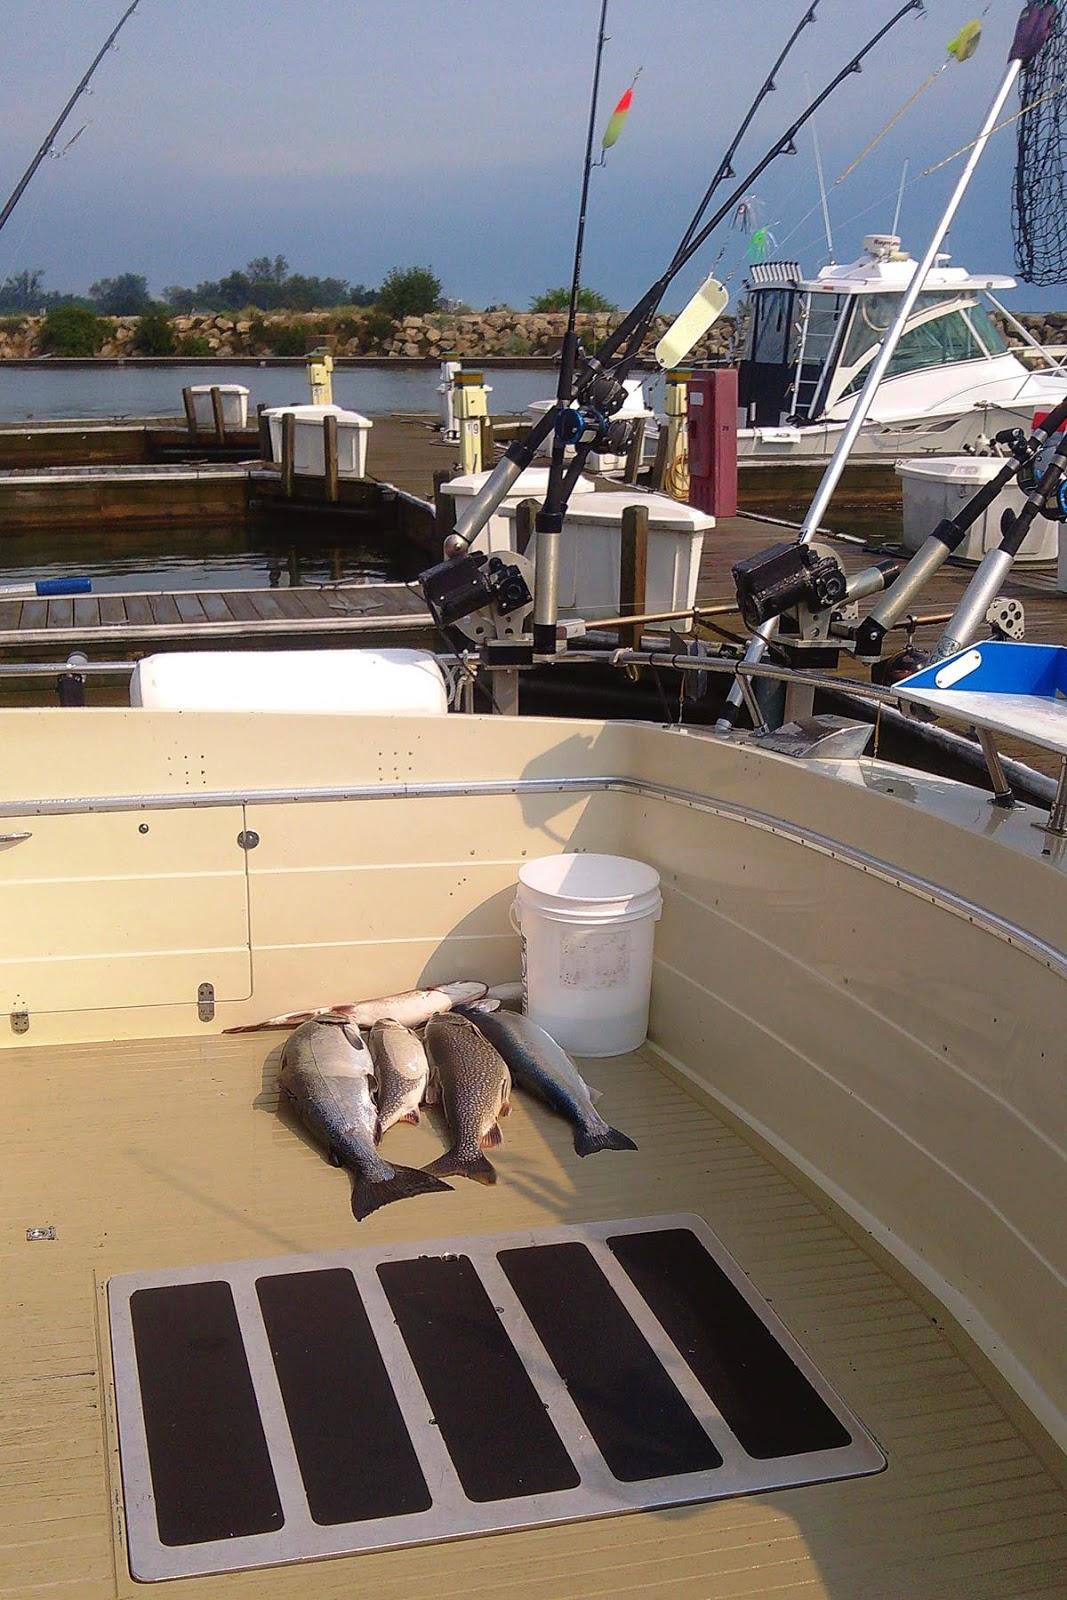 Charter boat fishing on Lake Michigan